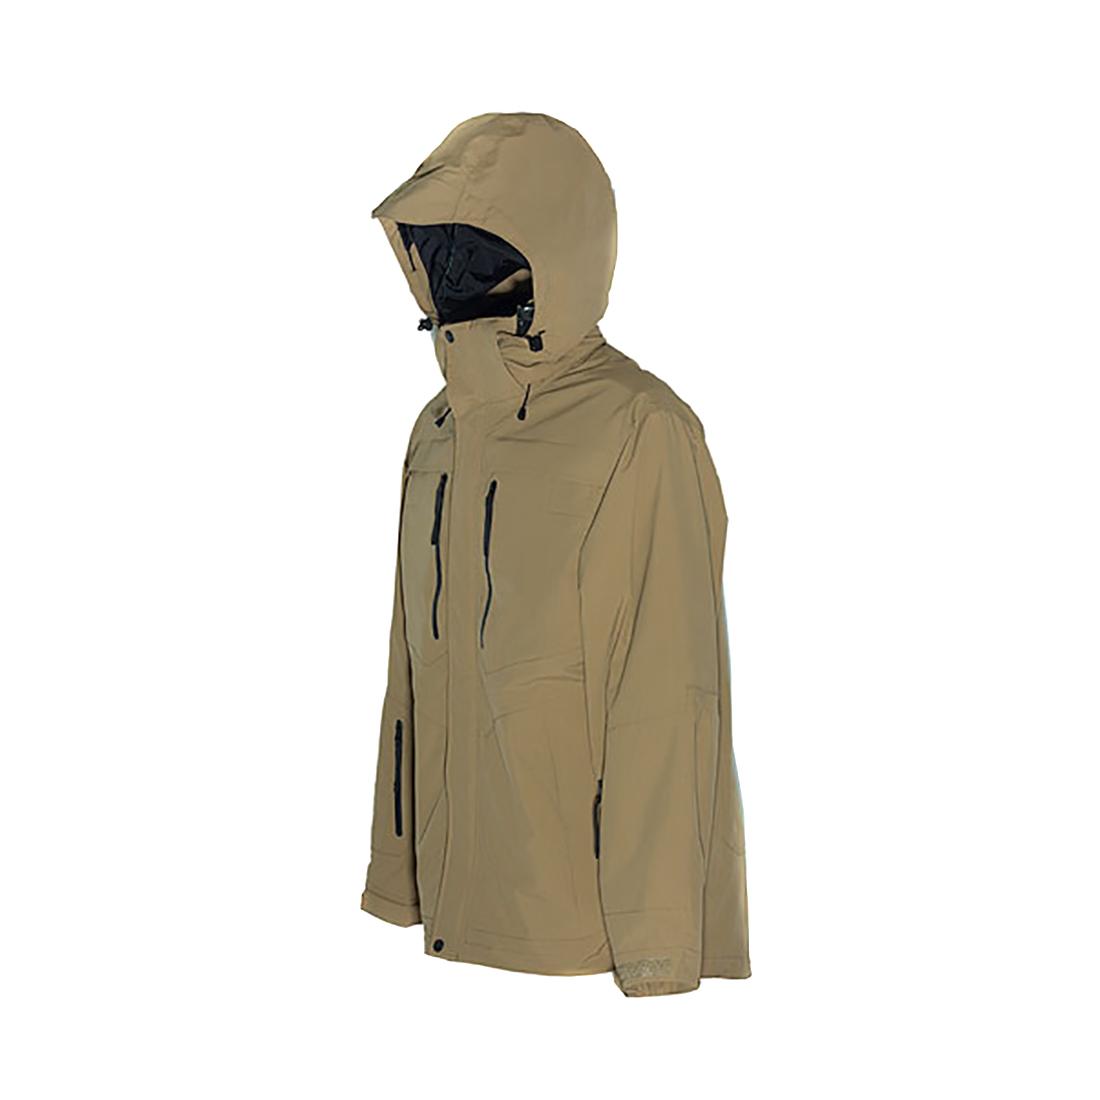 5.11 Tactical Bristol Parka jakke, coyote